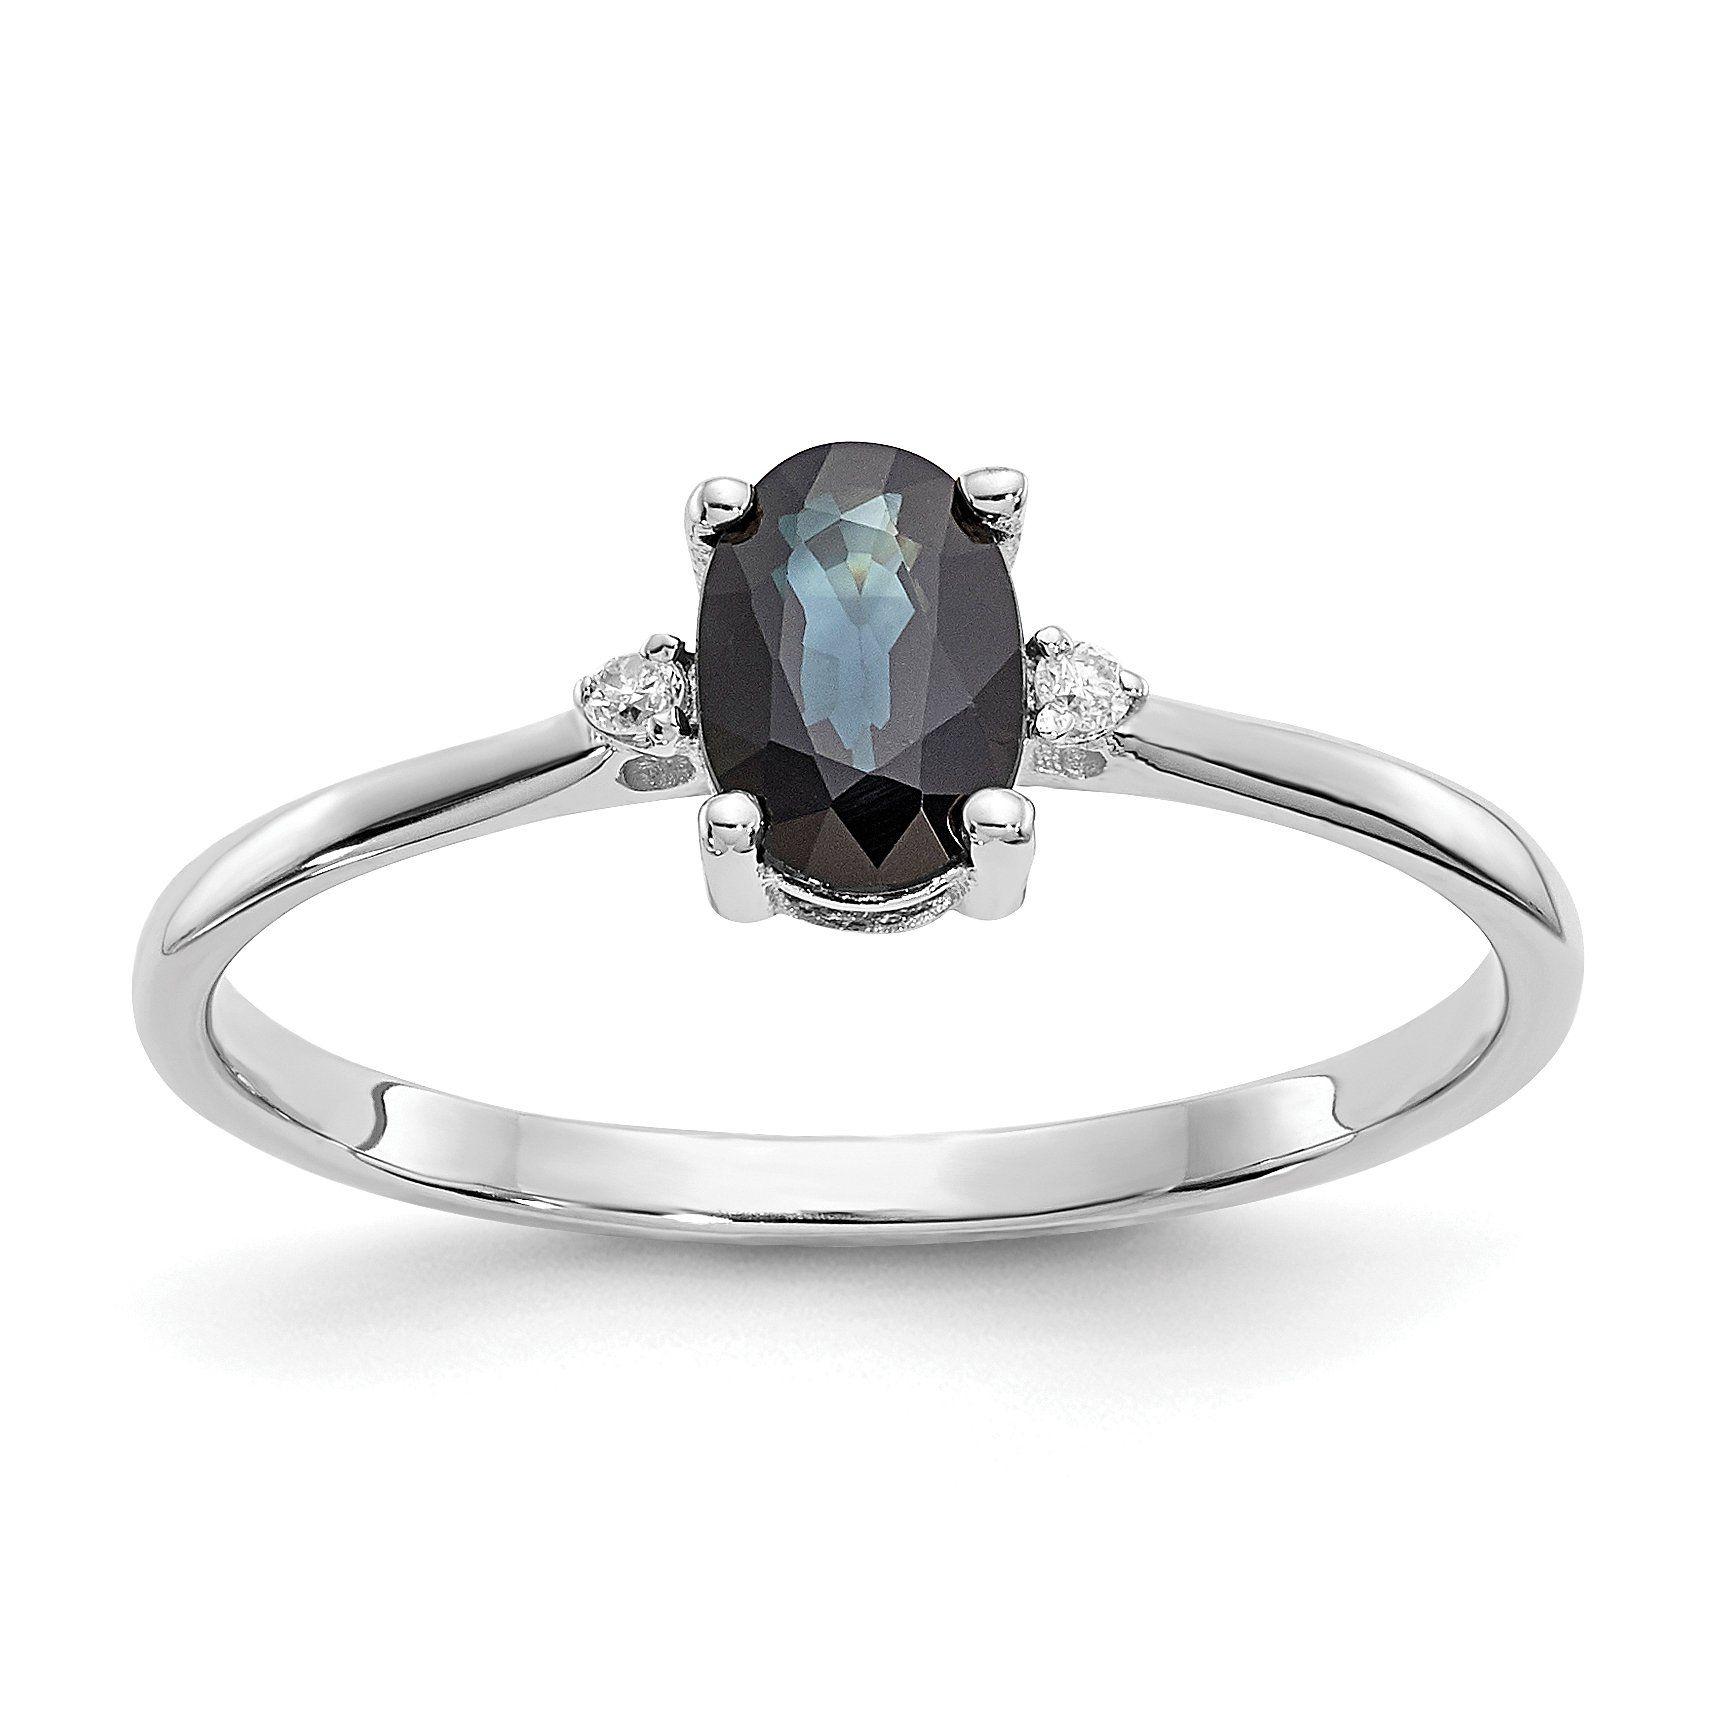 14k Or 10k White Gold Diamond & Blue Sapphire September